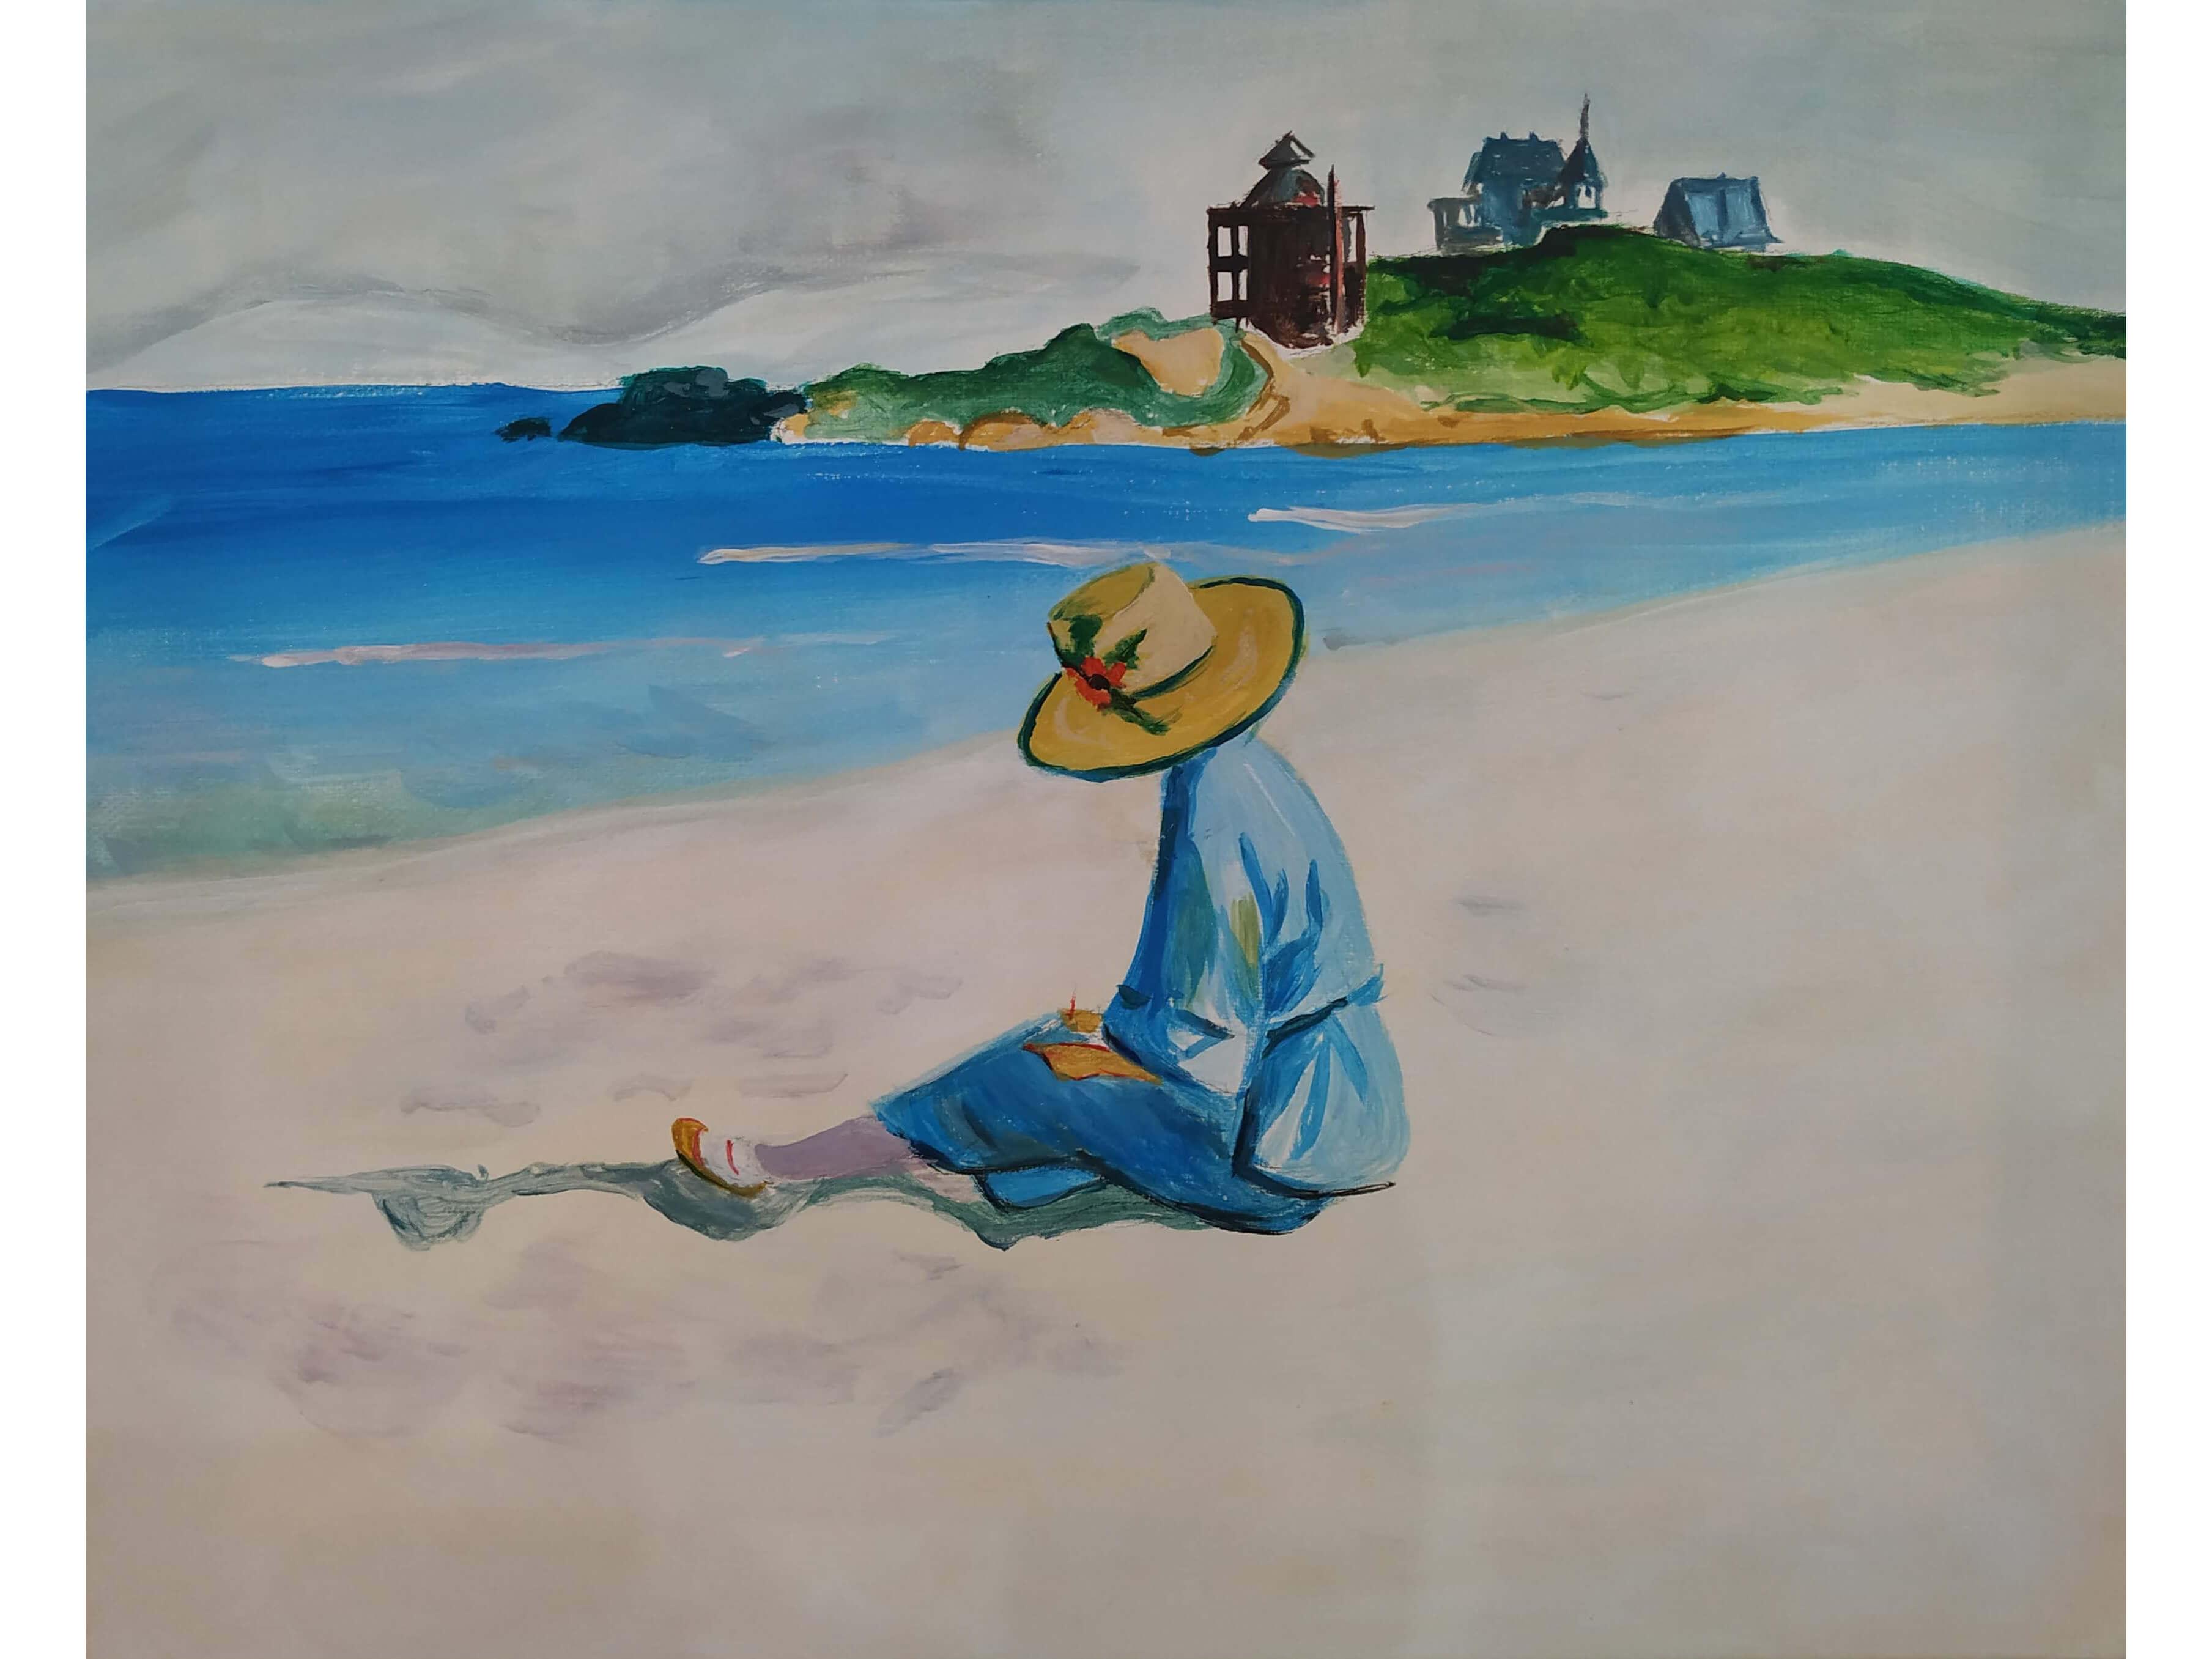 """Релаксиране с чаша вино и рисуване на репродукция по картината """"Джо скицира на плажа""""  Едуард Хопър – 09.08.2019 г."""